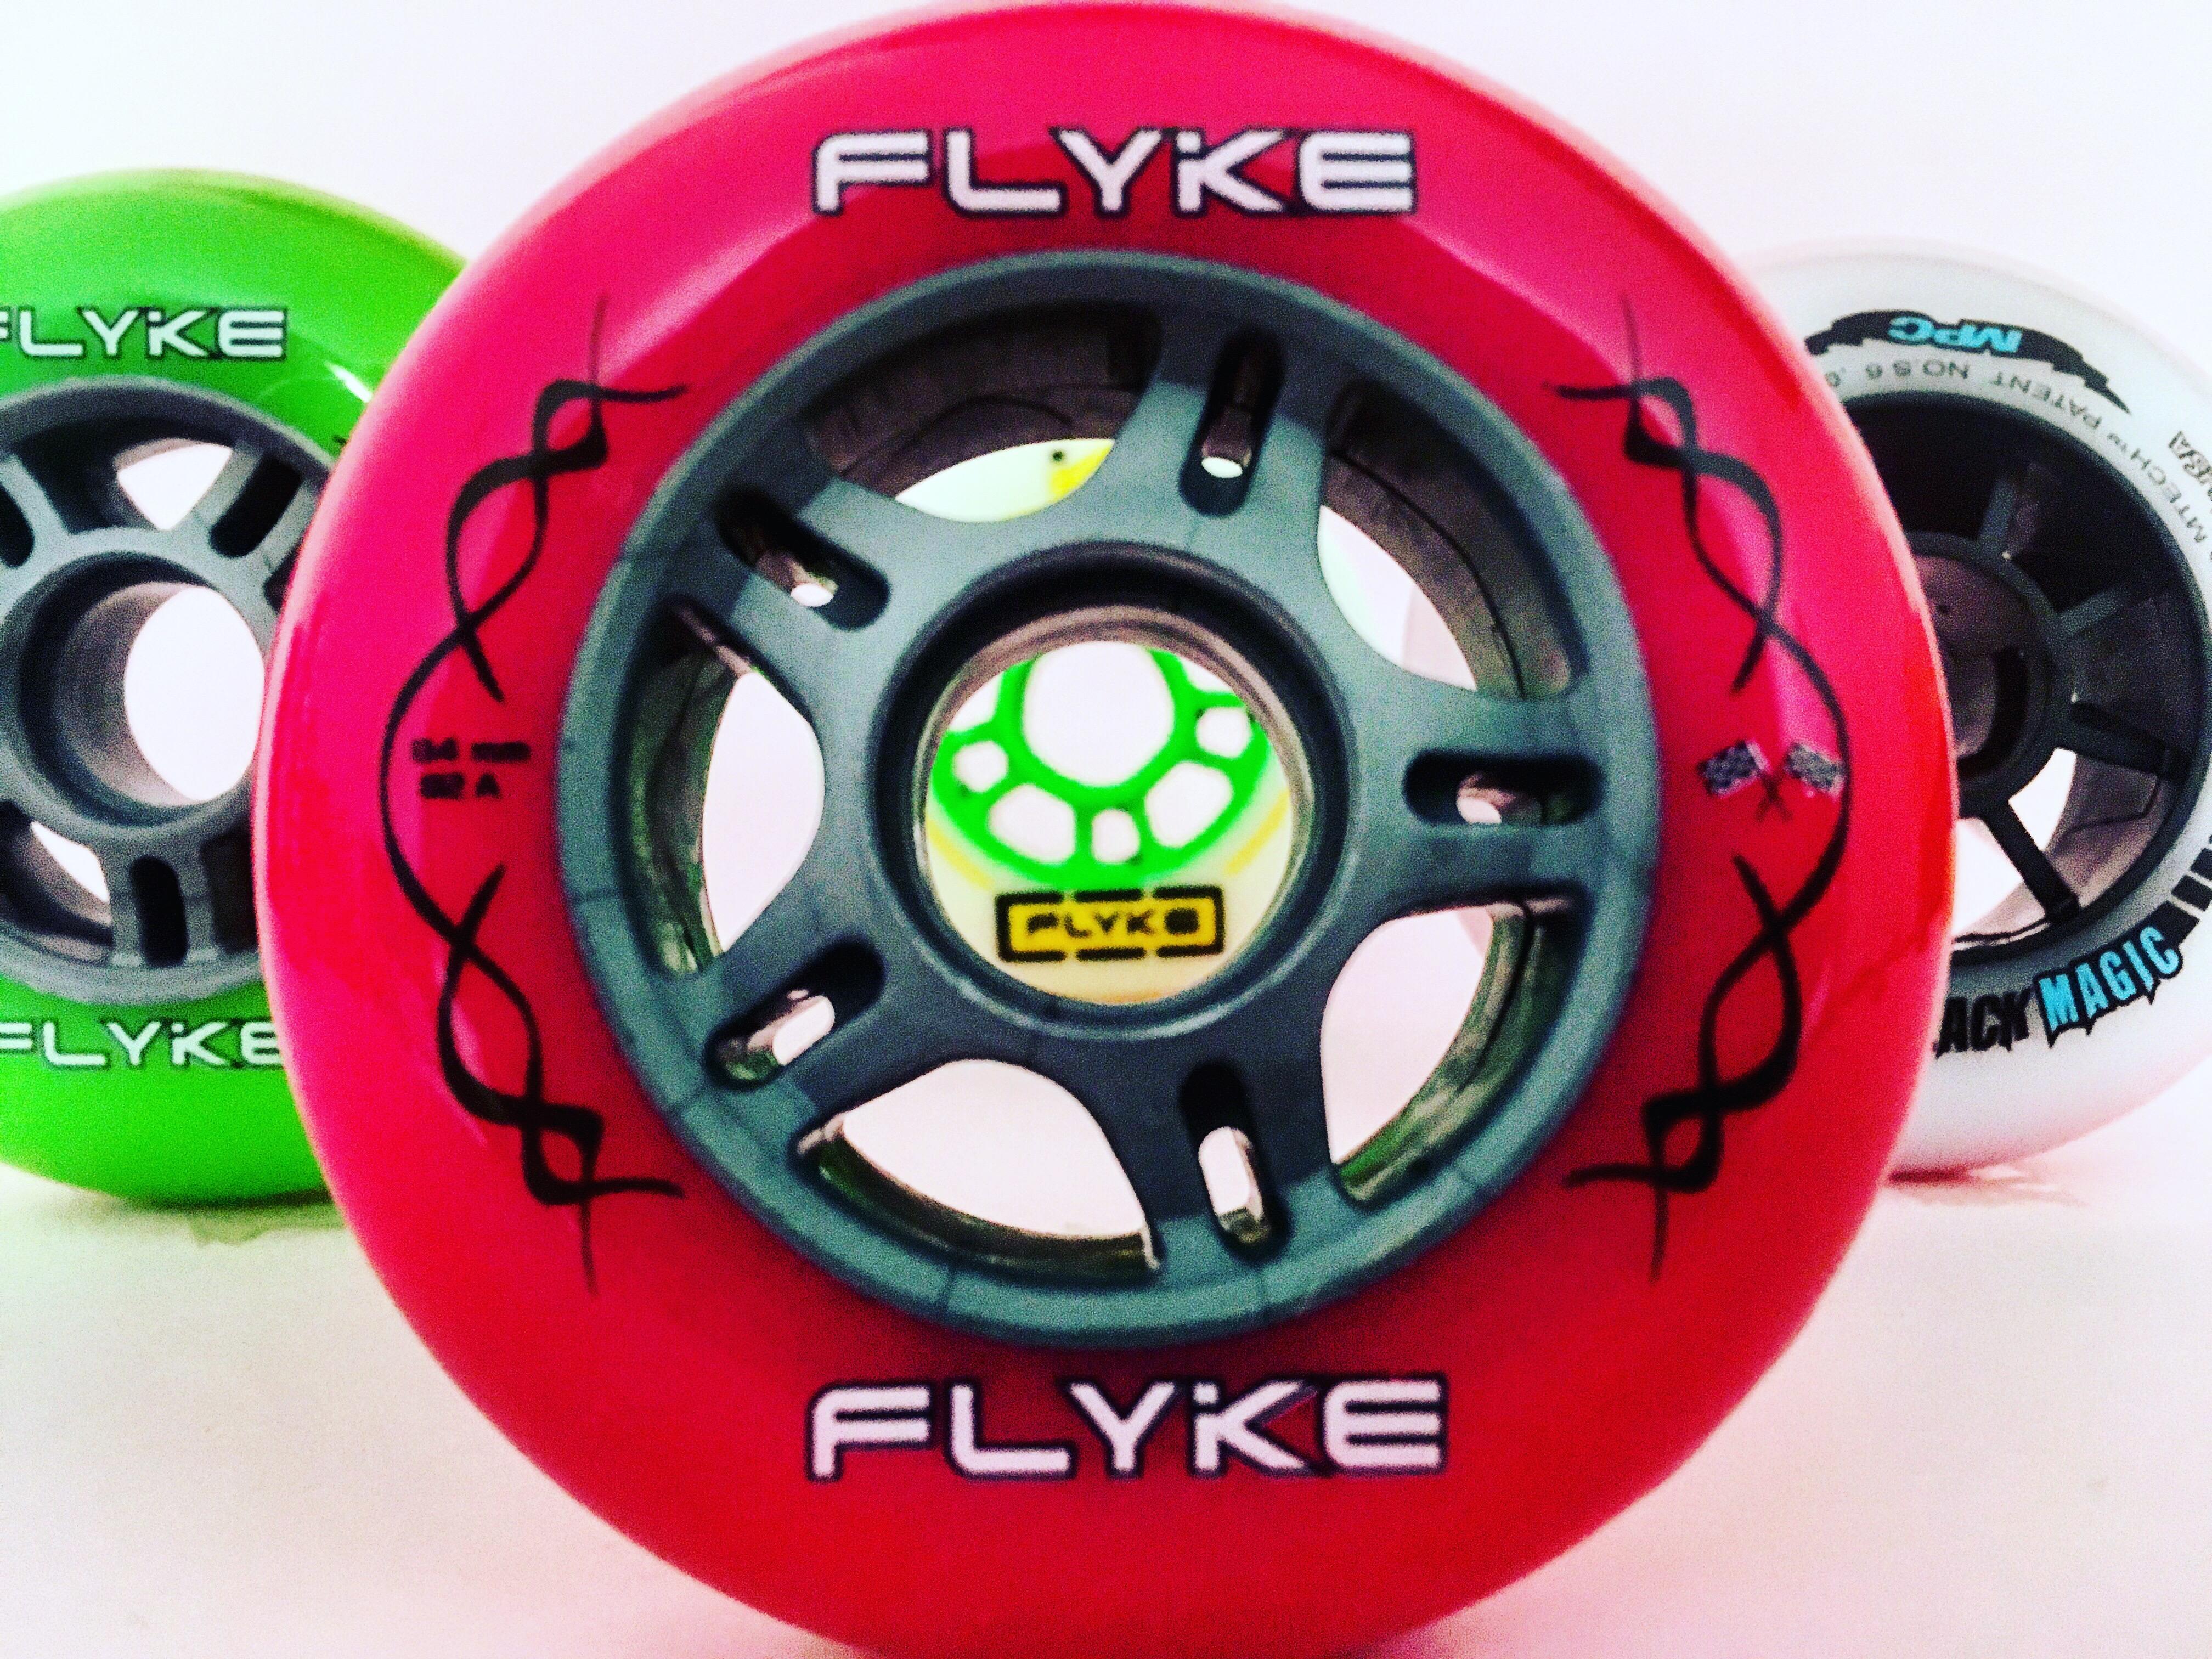 ¿Cuáles son las mejores ruedas para mí?